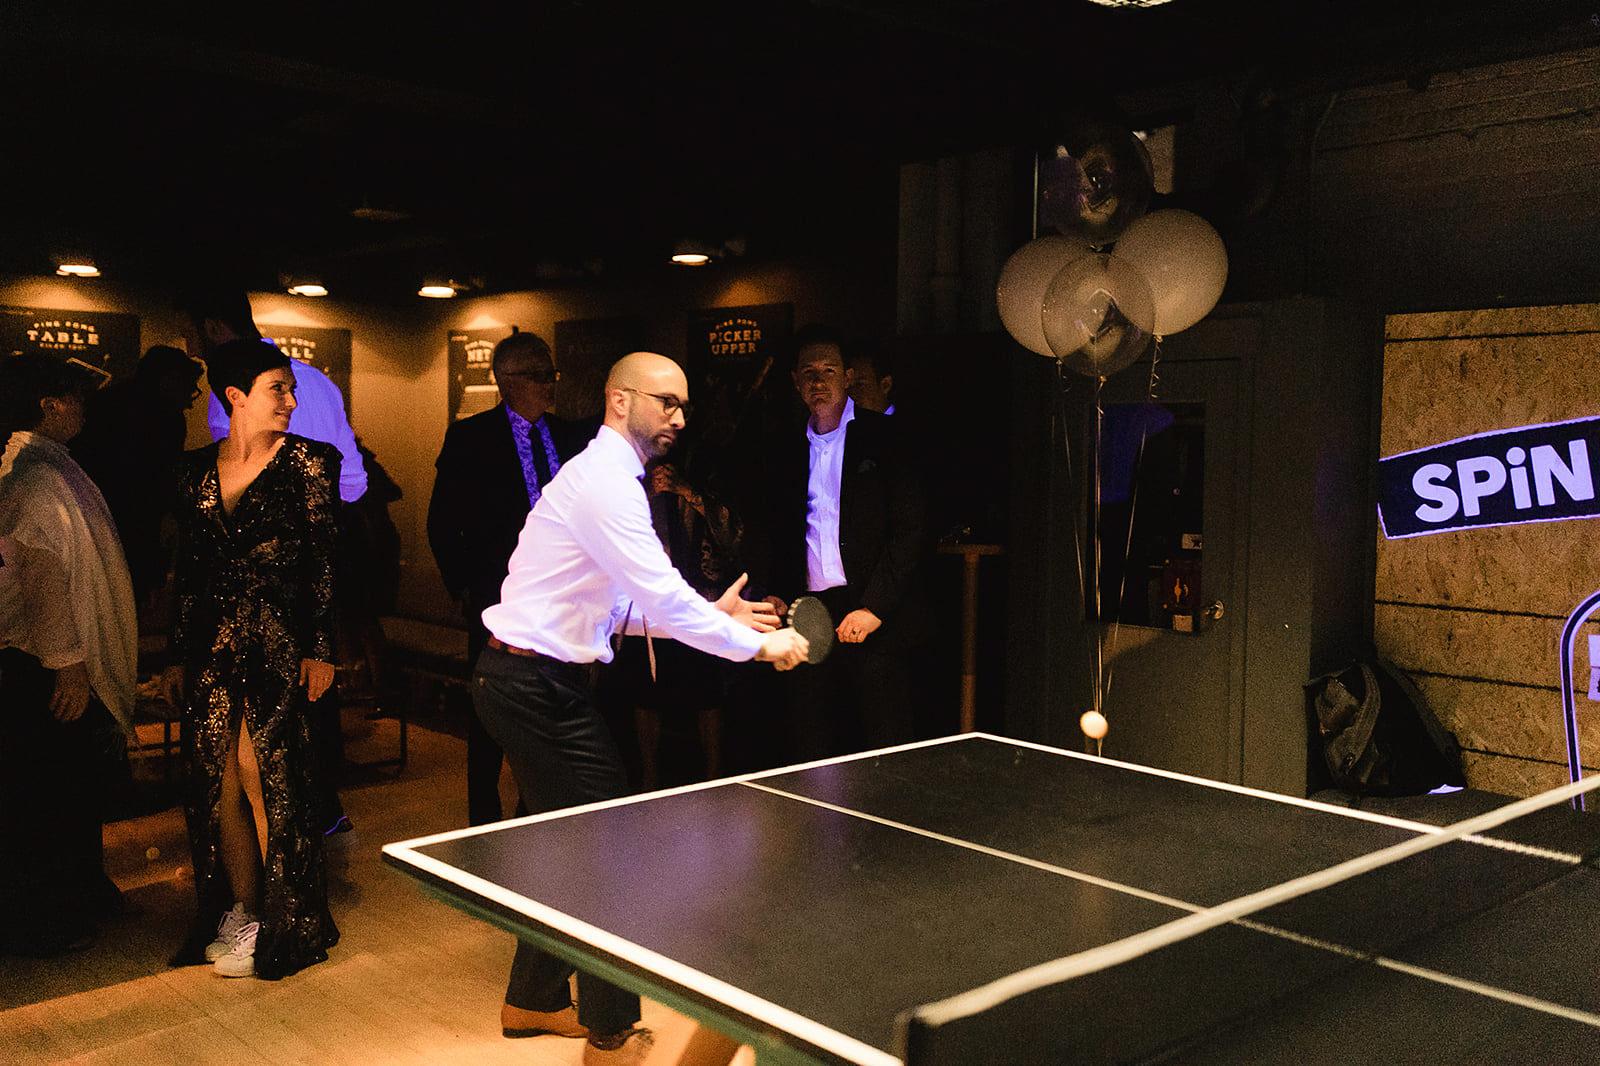 wedding at the spin ping pong bar